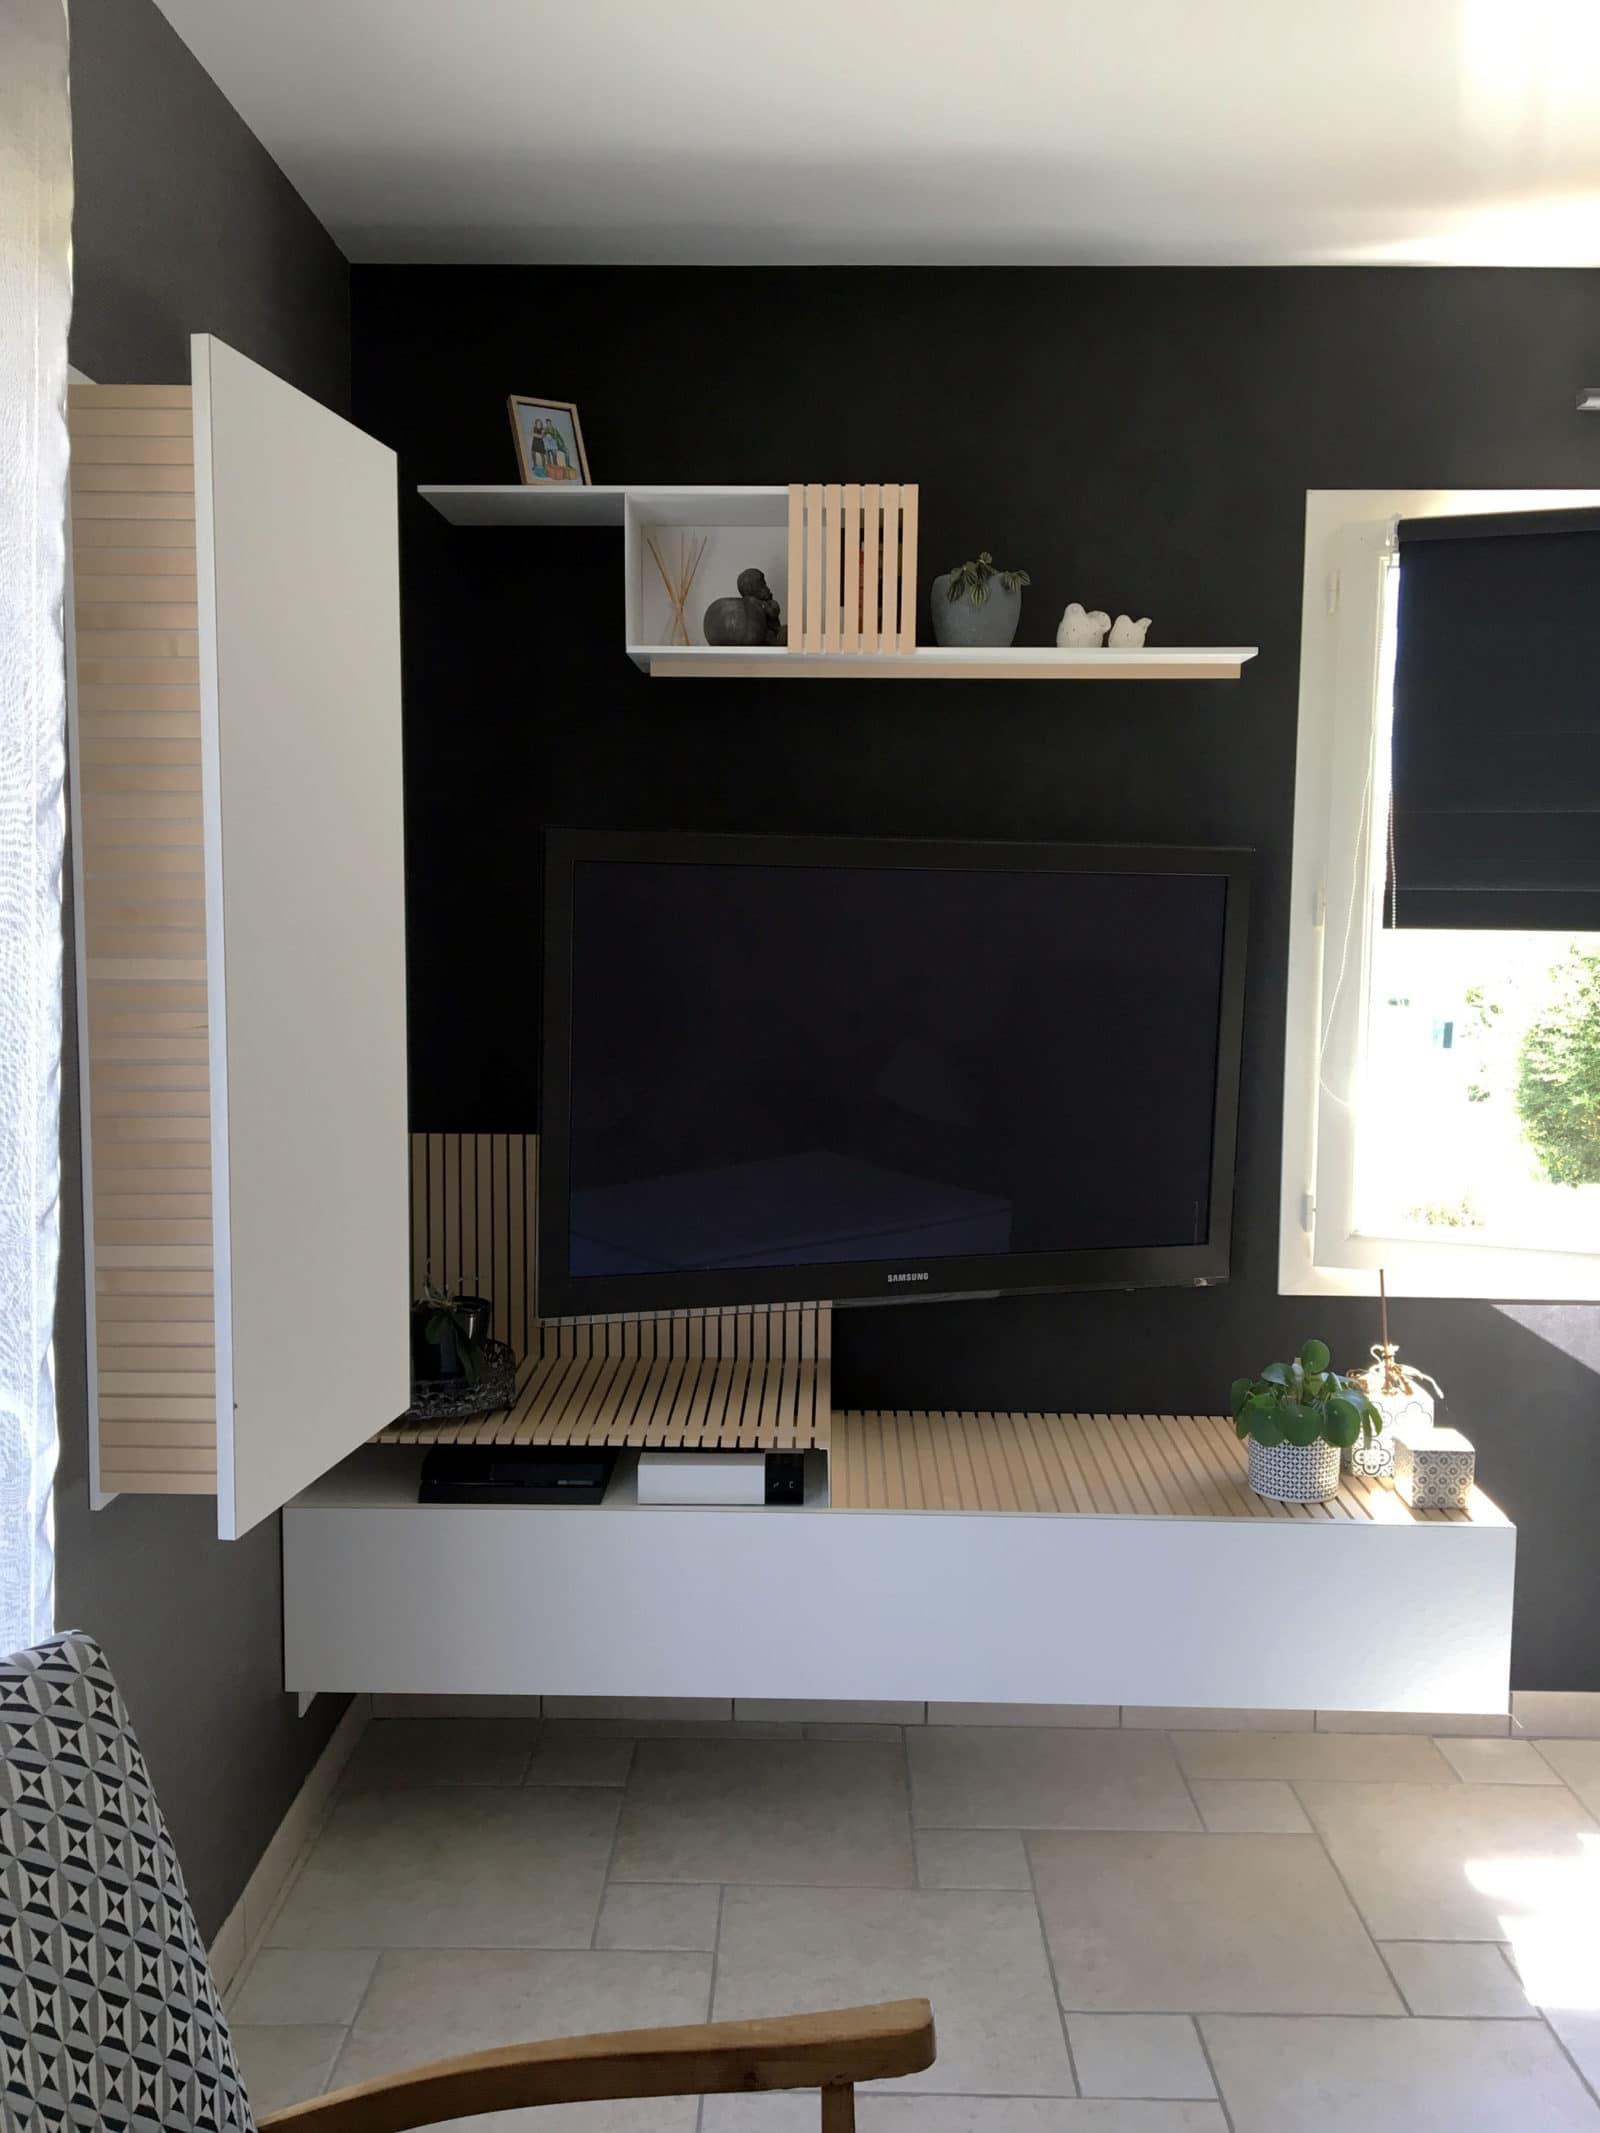 MEUBLE TV • Un meuble sur-mesure au design minimal et aérien